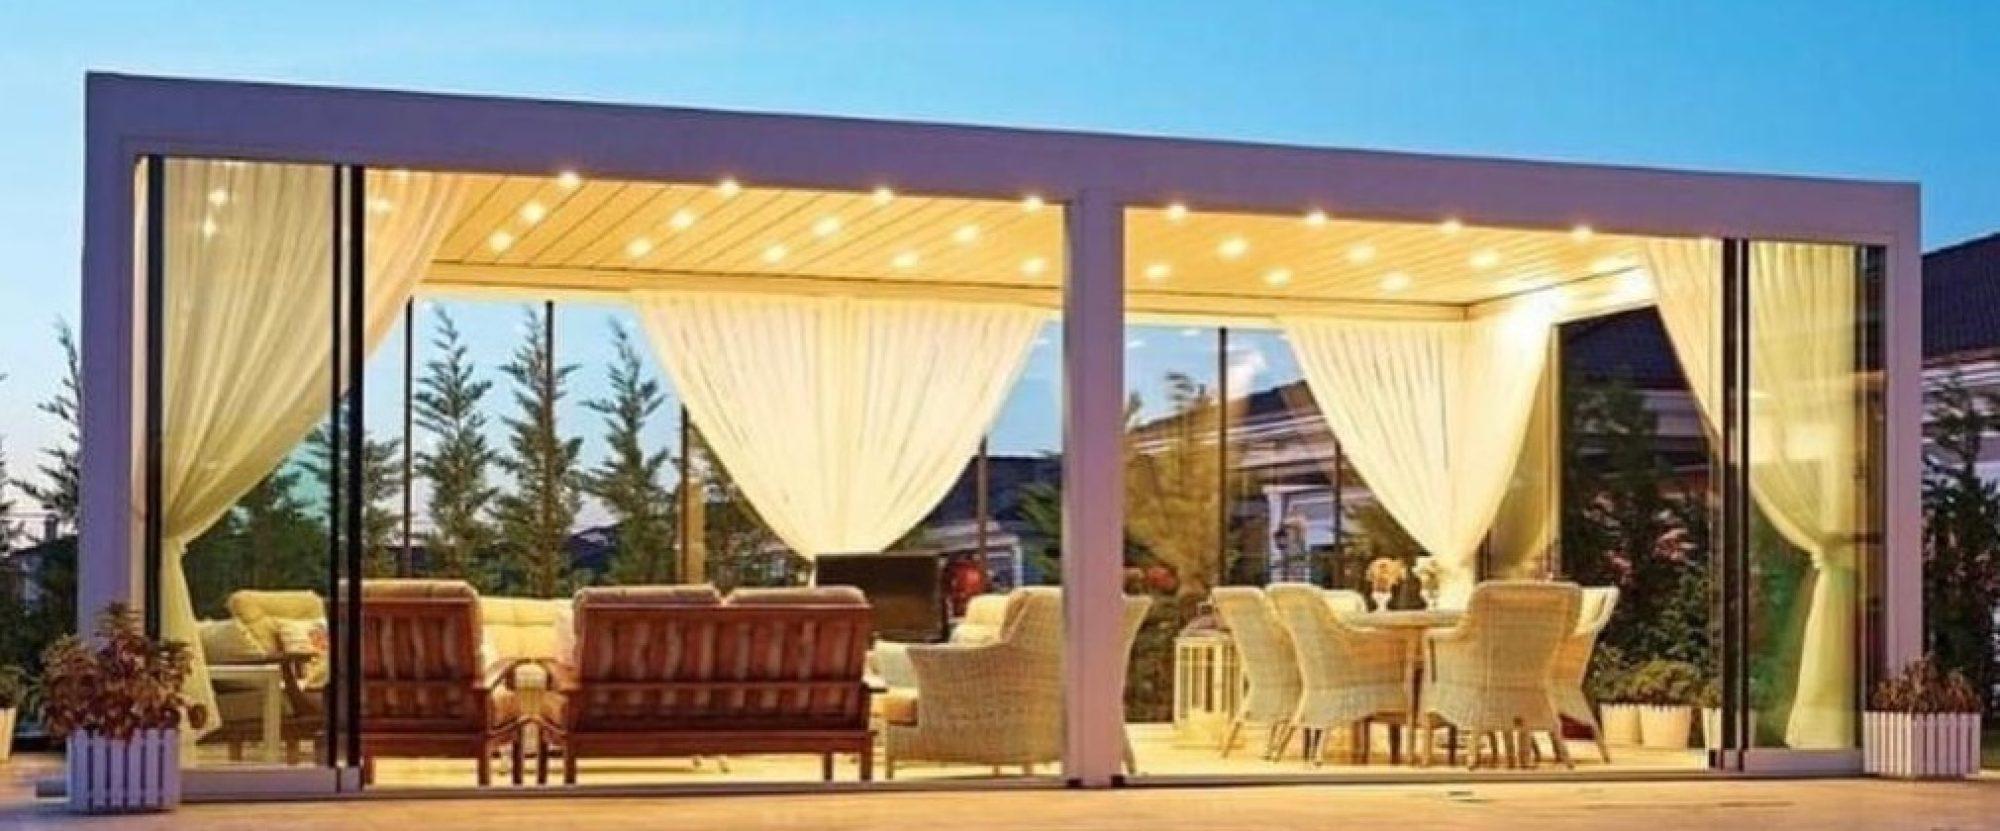 İzmir Kış Bahçesi